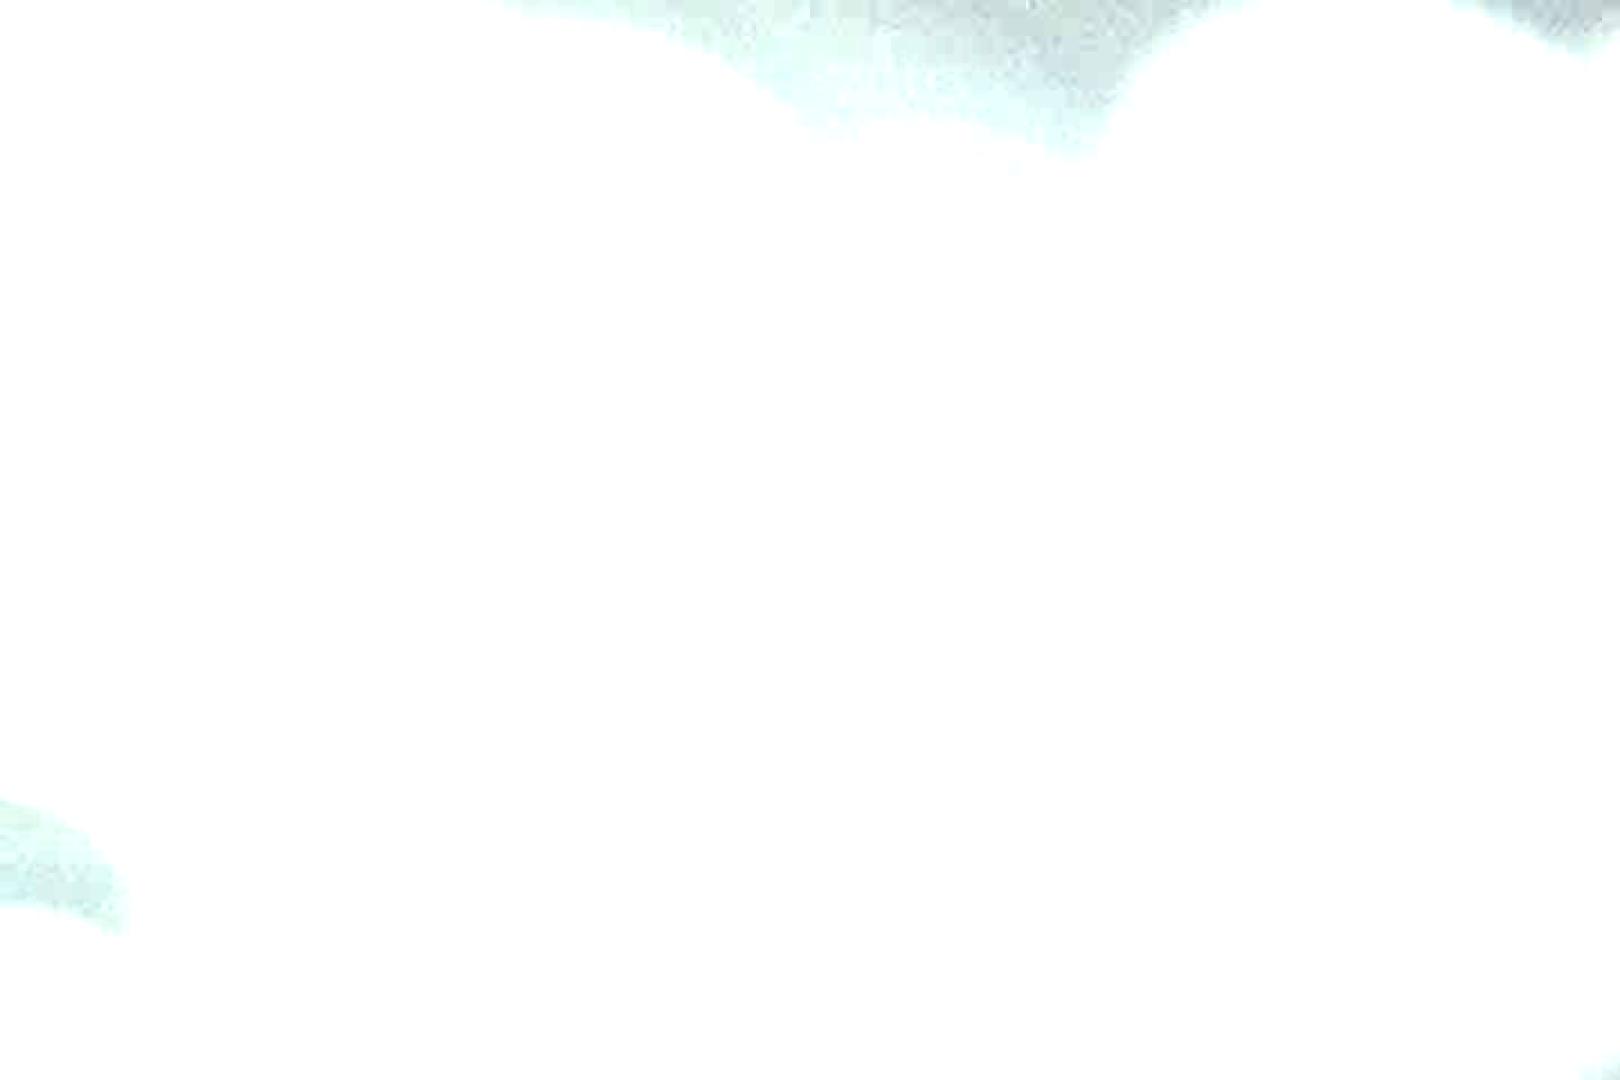 充血監督の深夜の運動会Vol.23 フェラチオ おめこ無修正動画無料 88画像 78